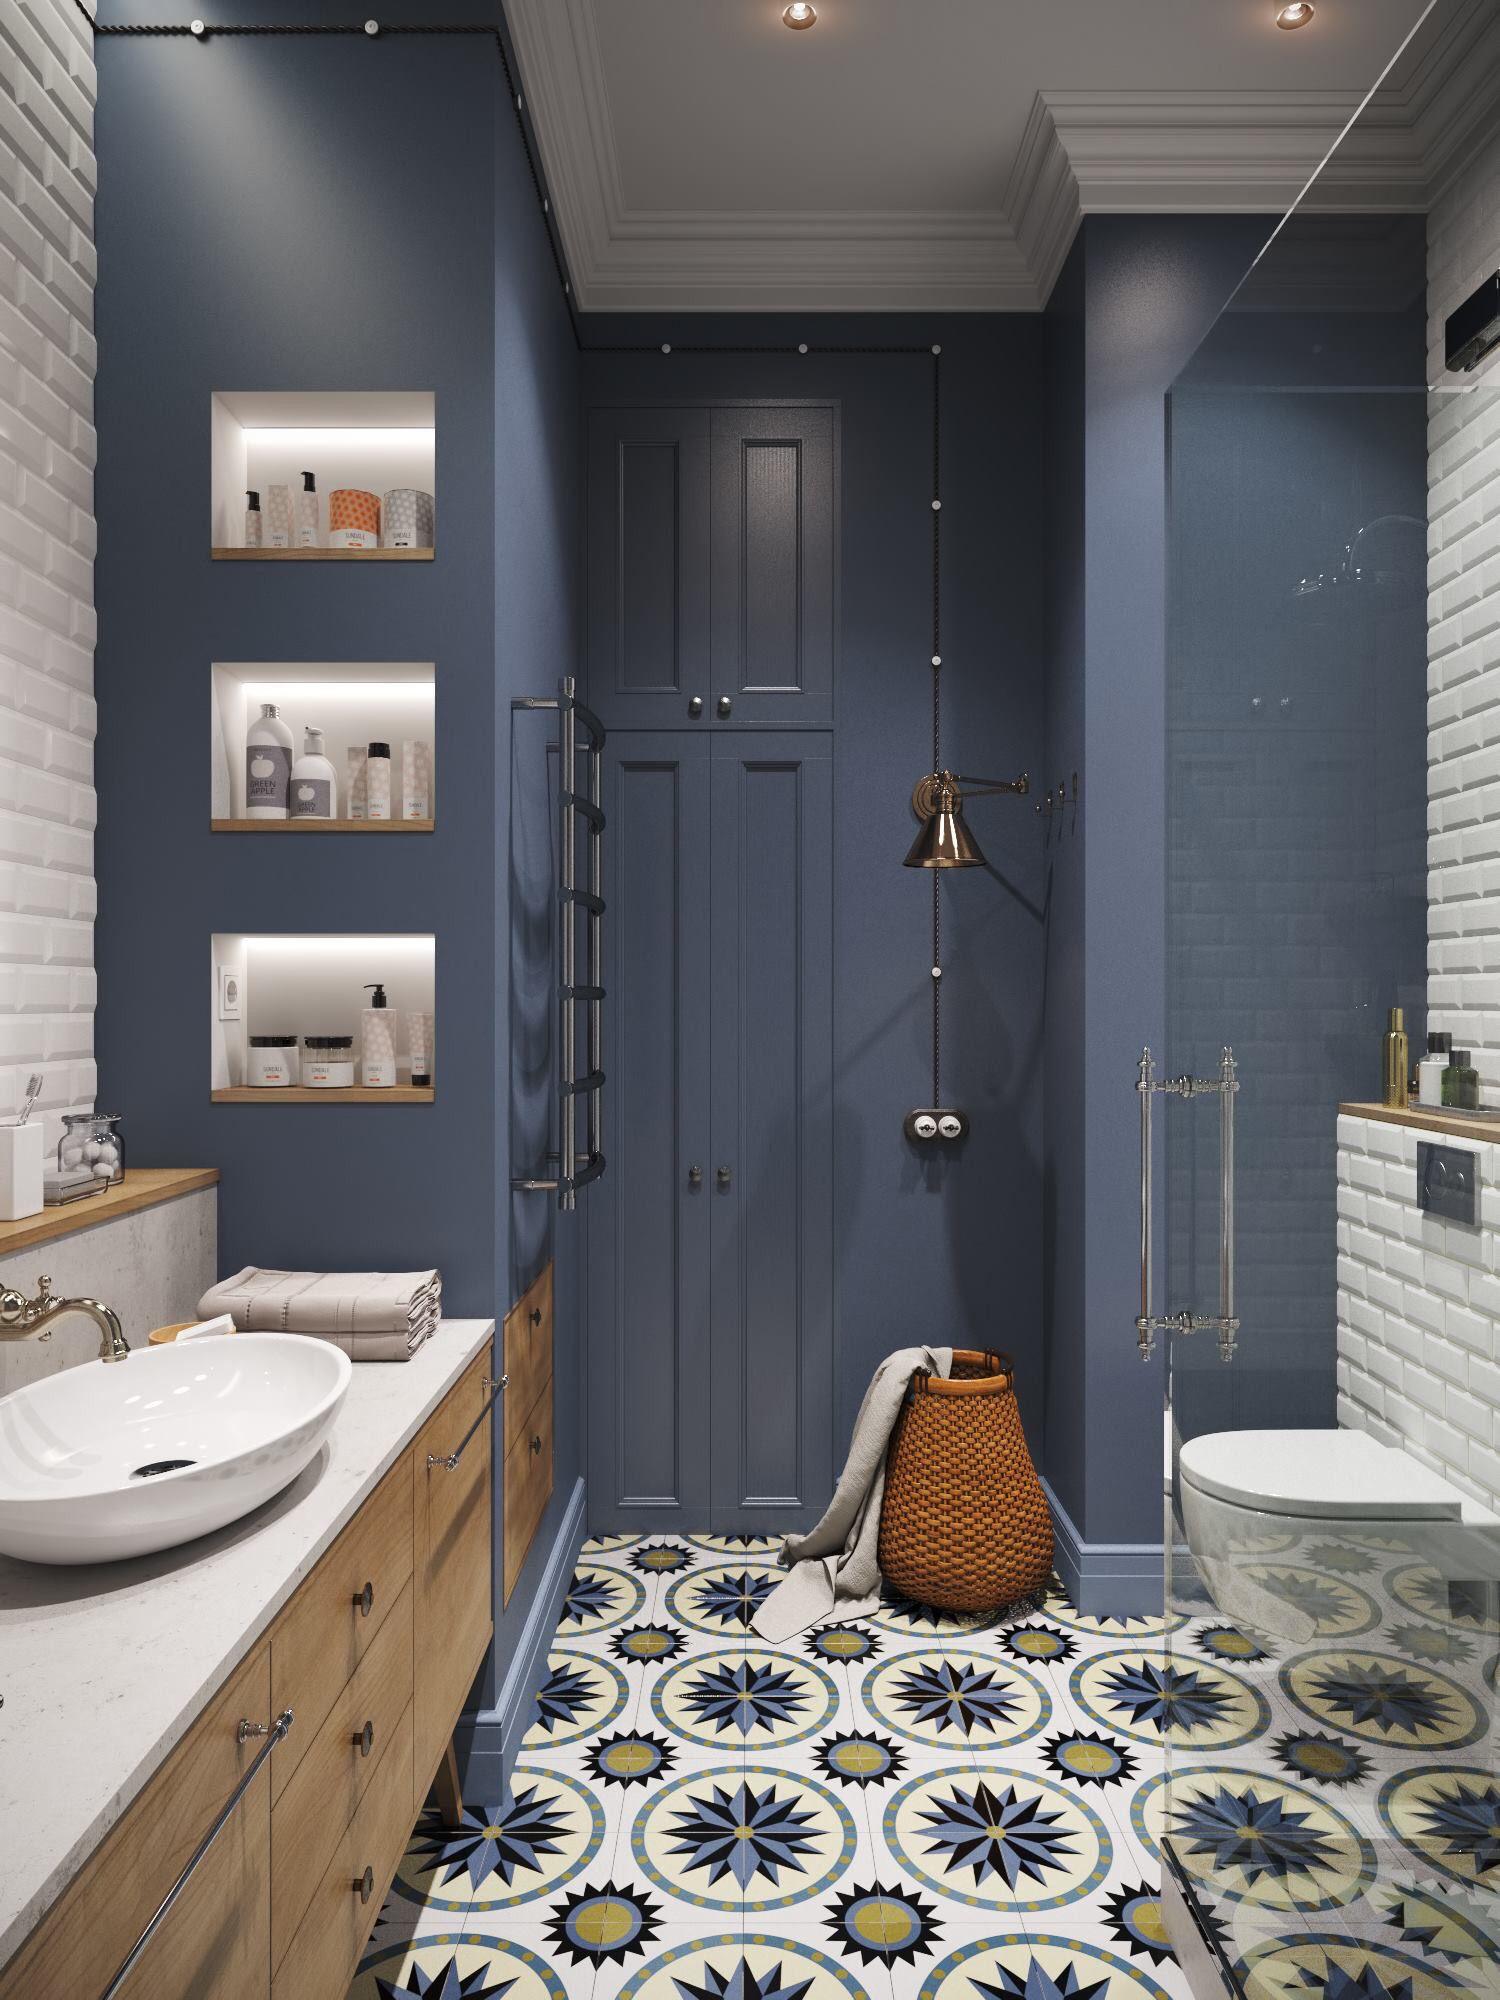 Salle De Bain Fermacell ~ Salle D Eau Gris Bleu Bois Et Blanc Chic Bathroom D Co Sdb